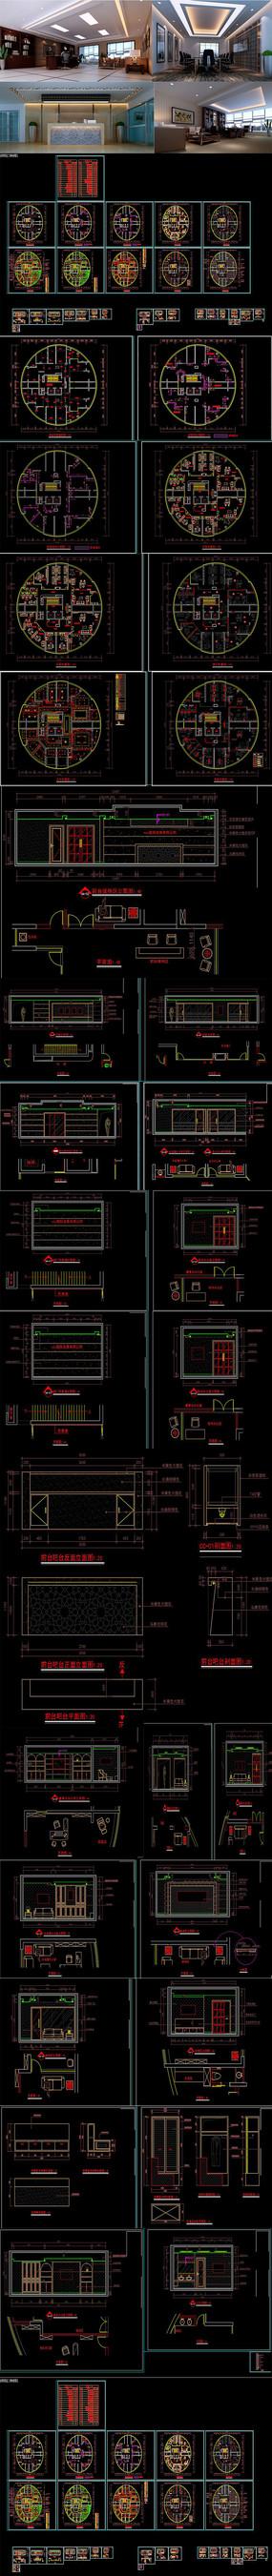 全套时尚办公室CAD施工图 效果图